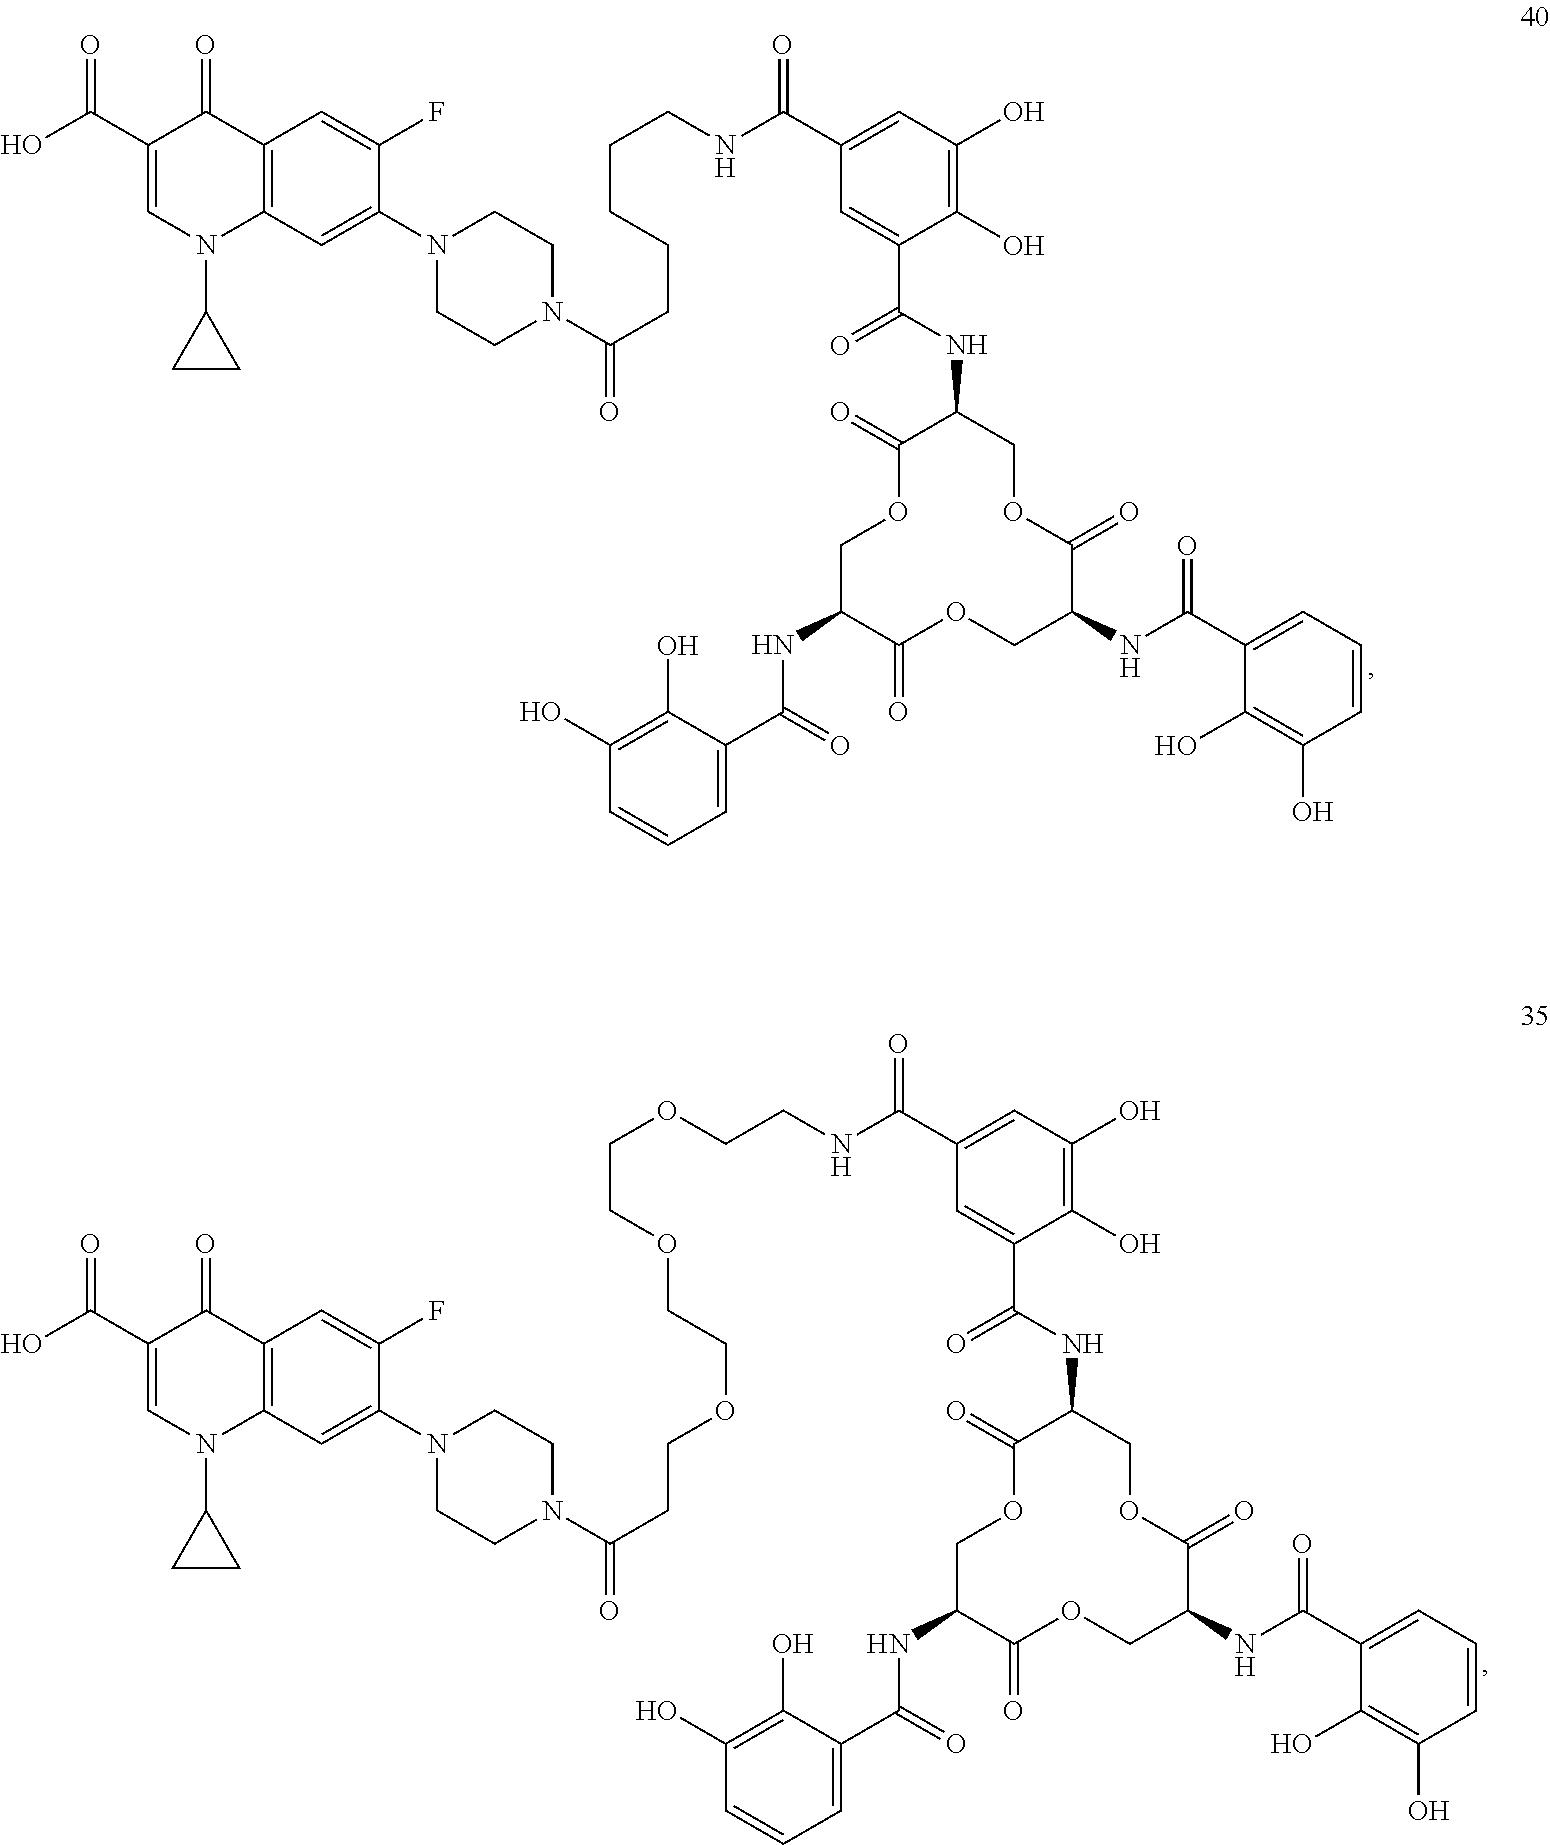 Figure US09902986-20180227-C00041